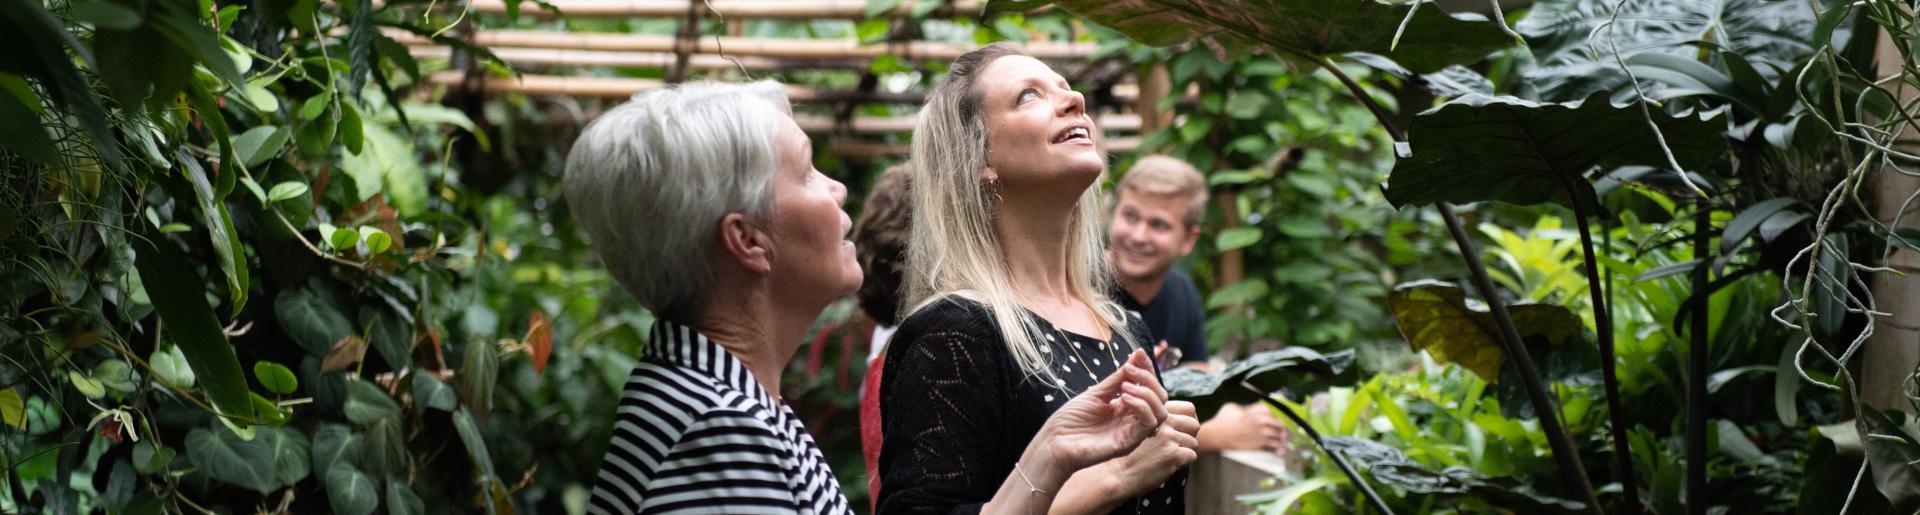 Olbrich Gardens Bolz Conservatory